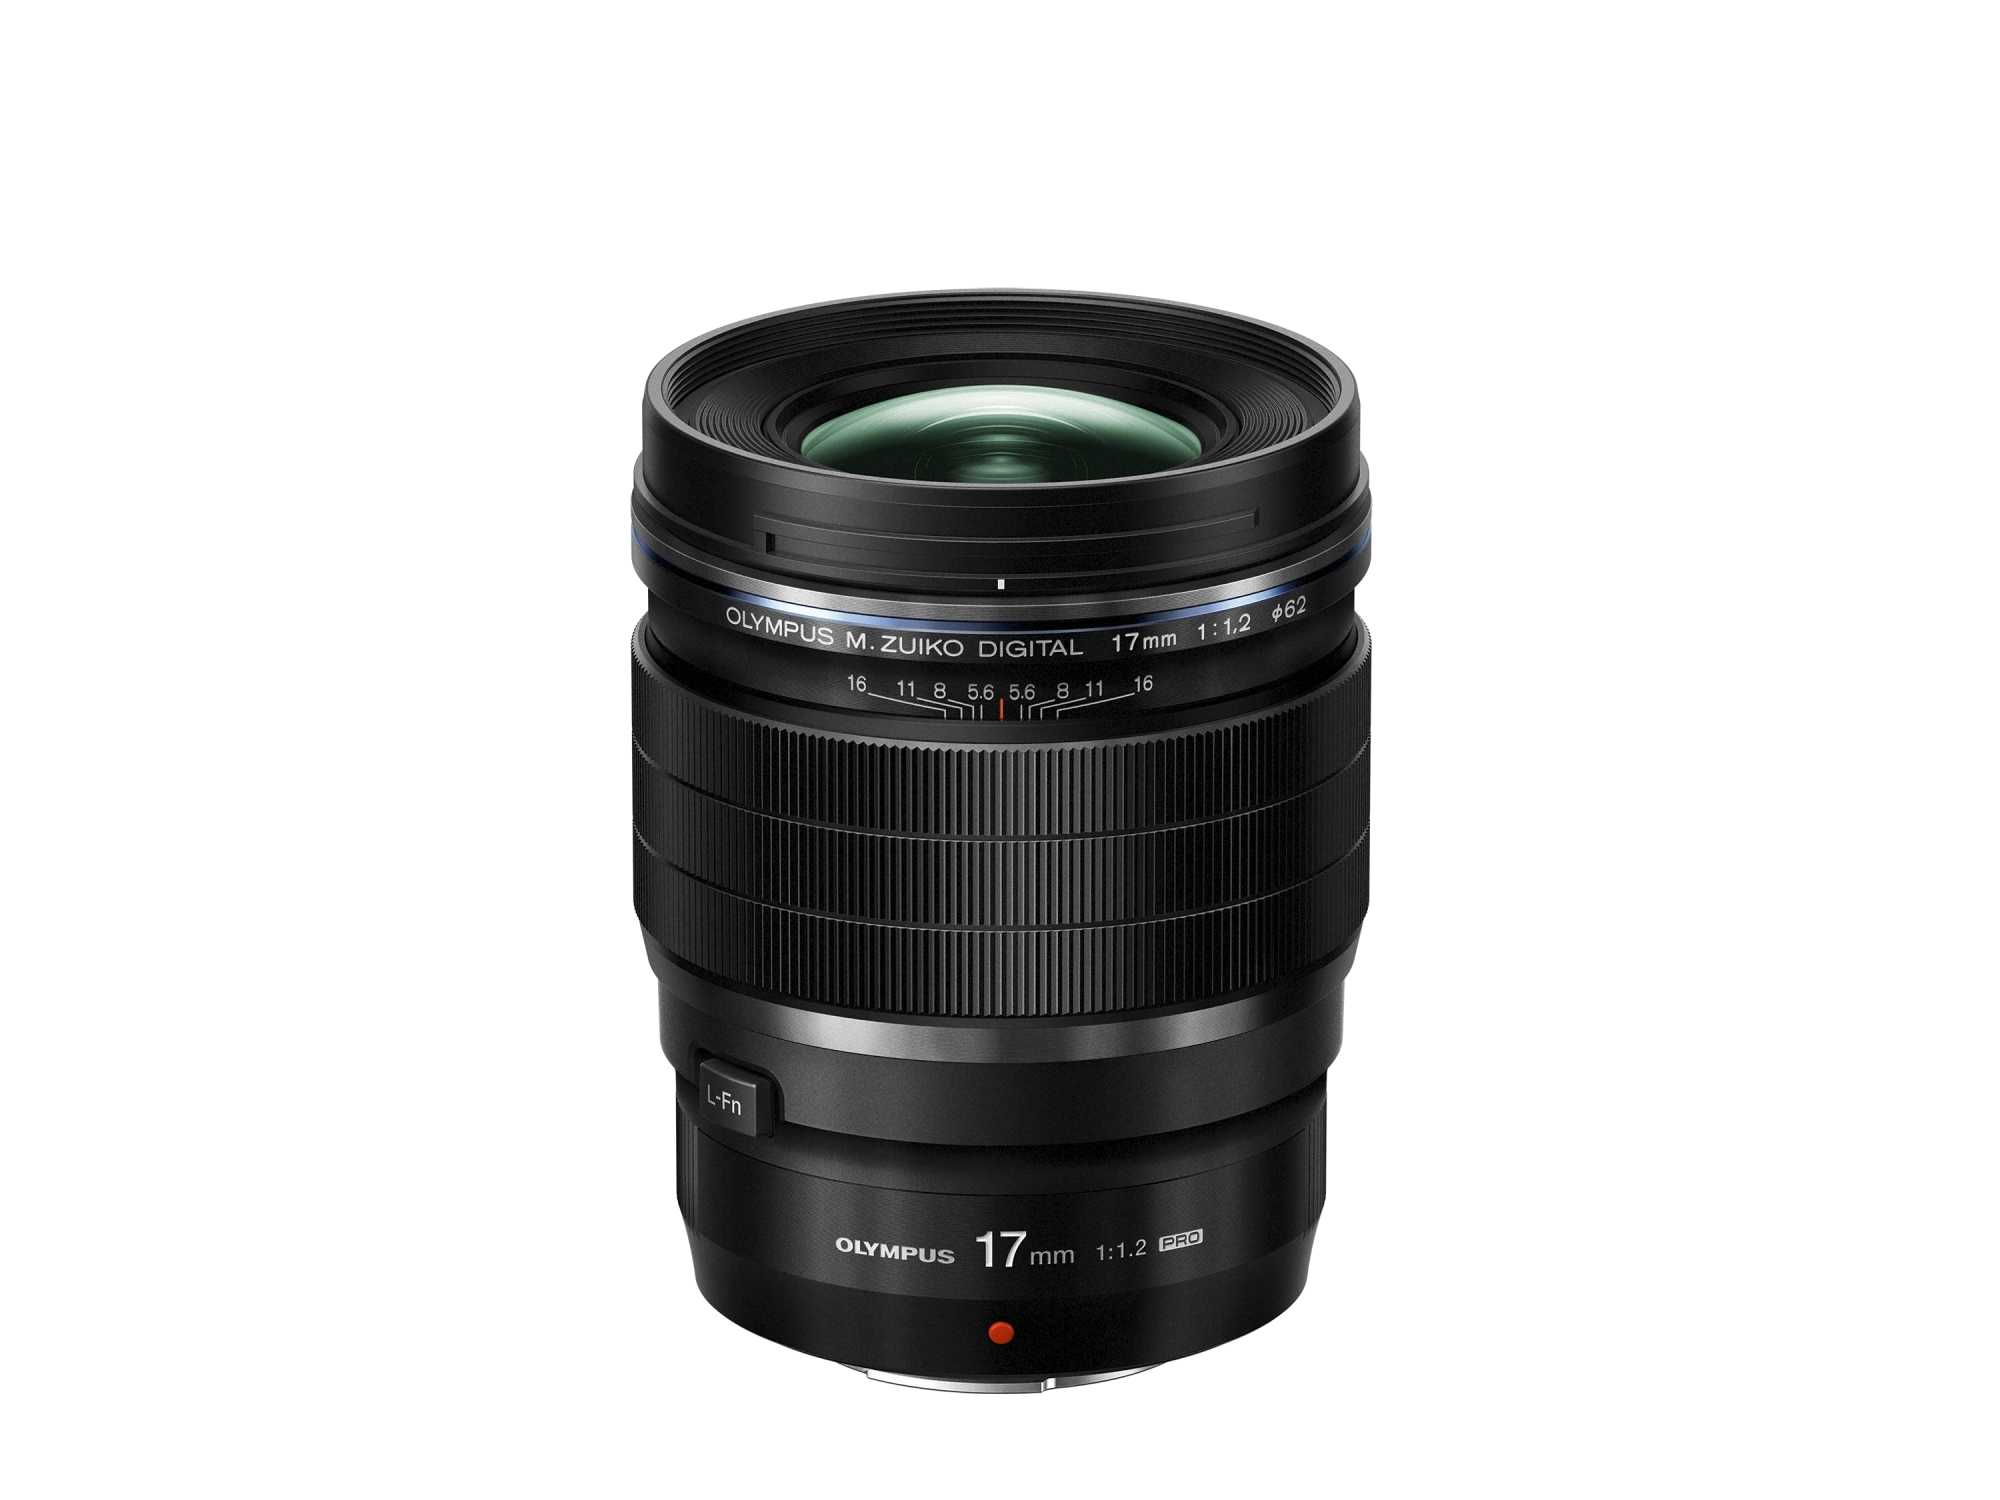 Das M.Zuiko Digital ED 17 mm 1:1.2 PRO soll vor allem Landschaftsfotografen ansprechen.